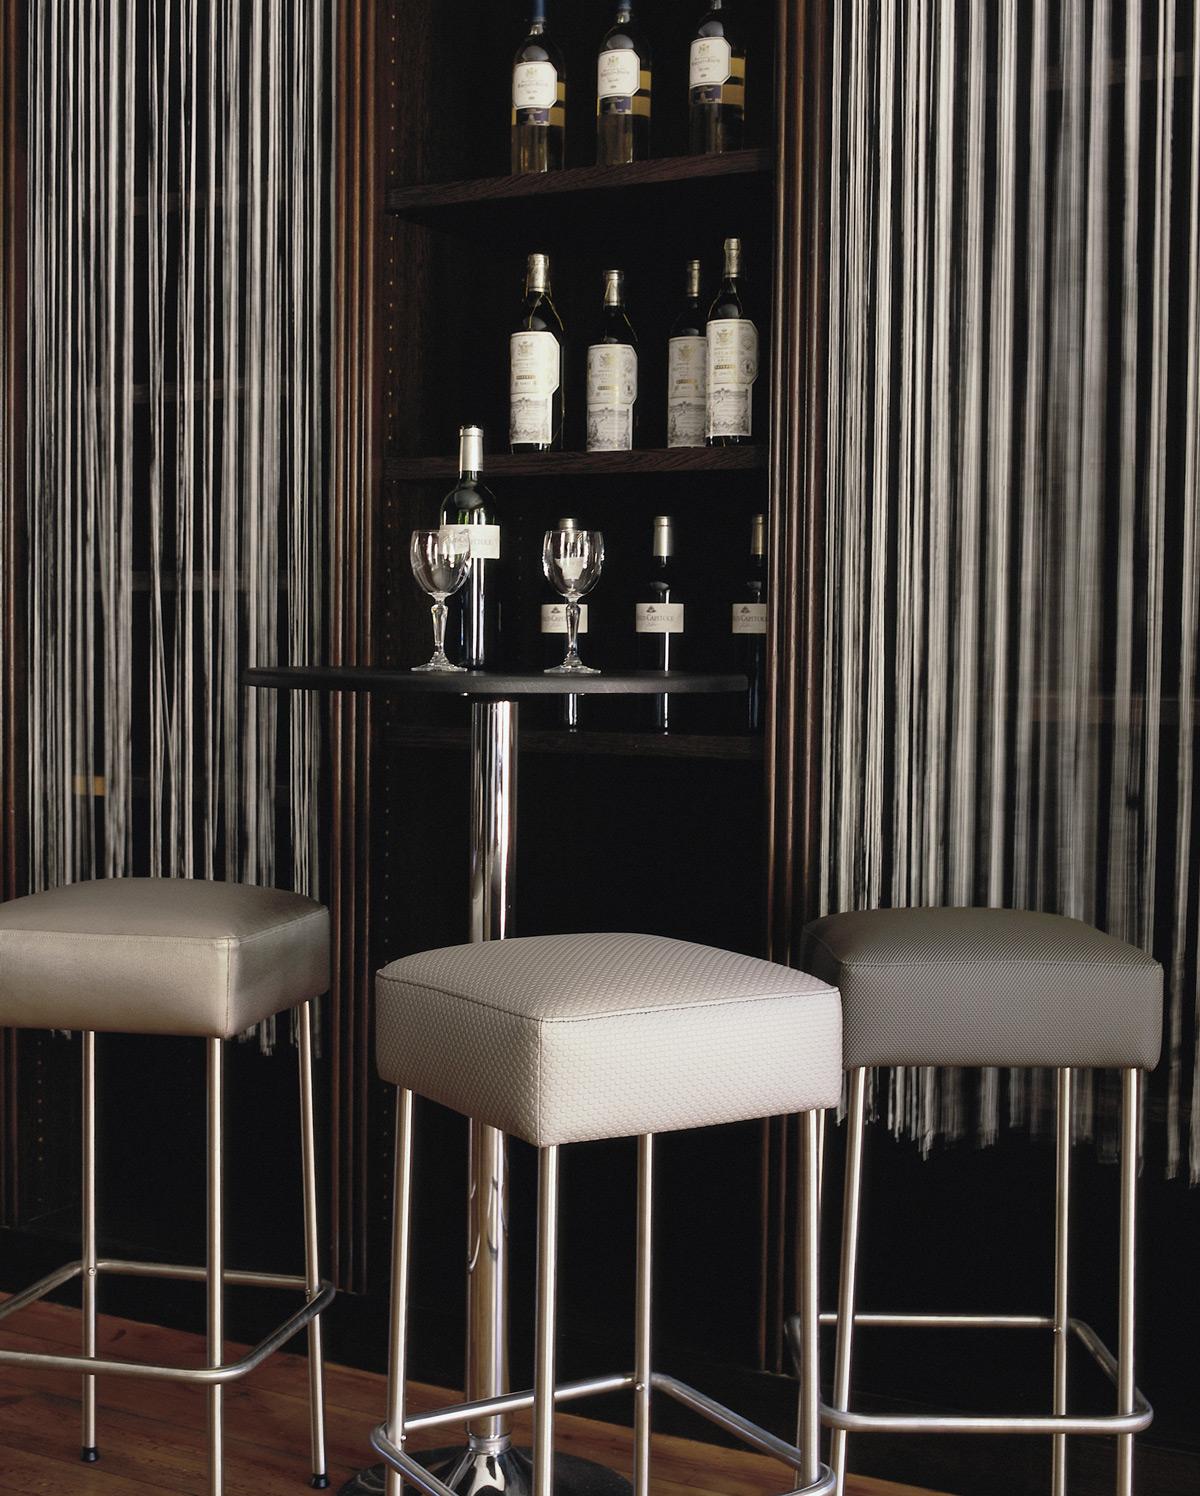 decoratrice interieur bordeaux trendy decoratrice interieur bordeaux with decoratrice interieur. Black Bedroom Furniture Sets. Home Design Ideas